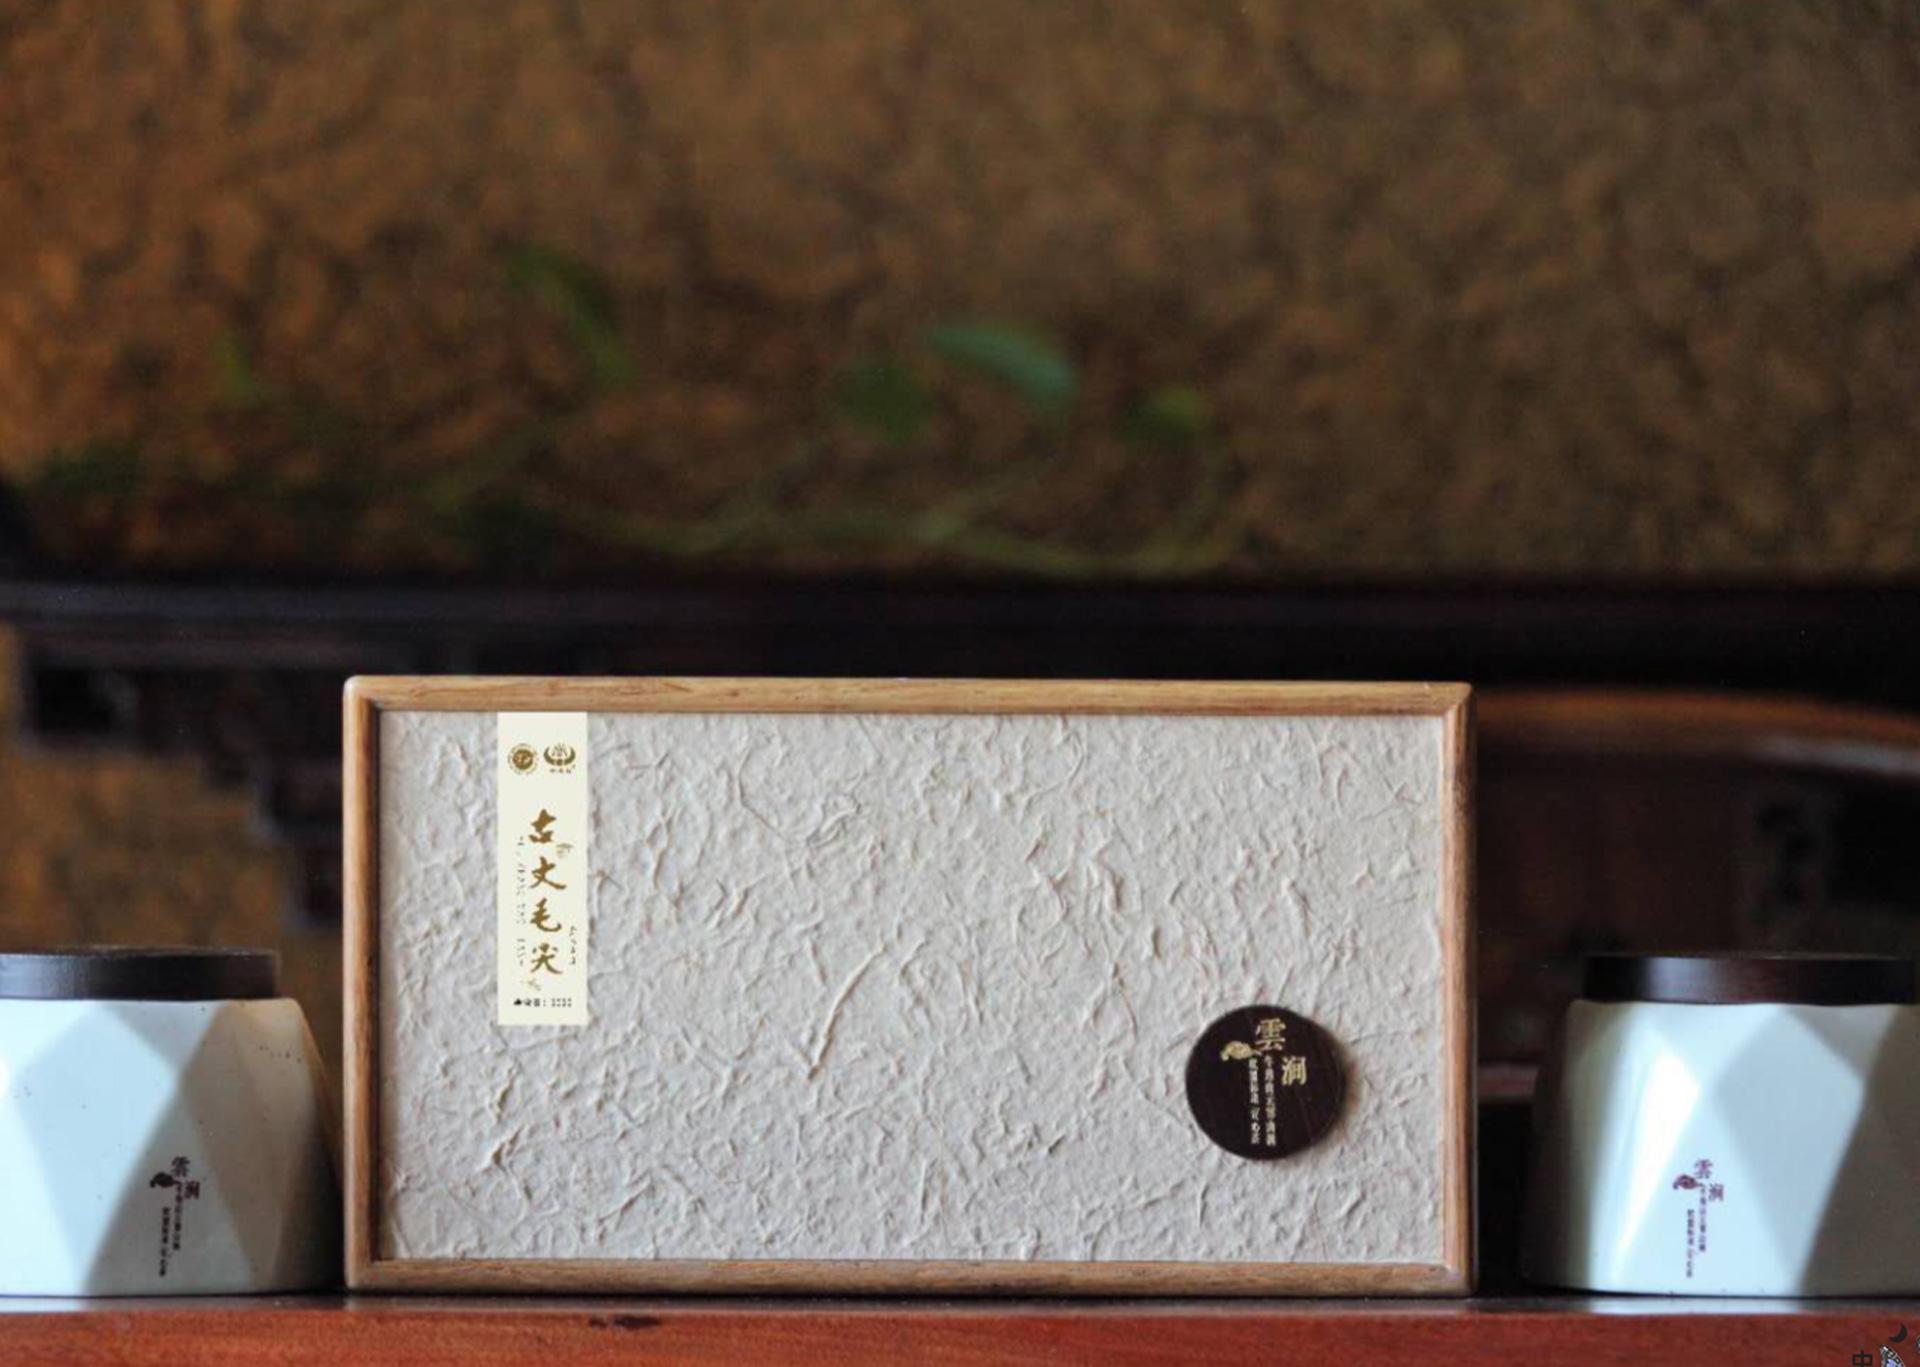 牛角山绿茶_崂山绿茶相关-湘西自治州牛角山生态农业科技开发有限公司